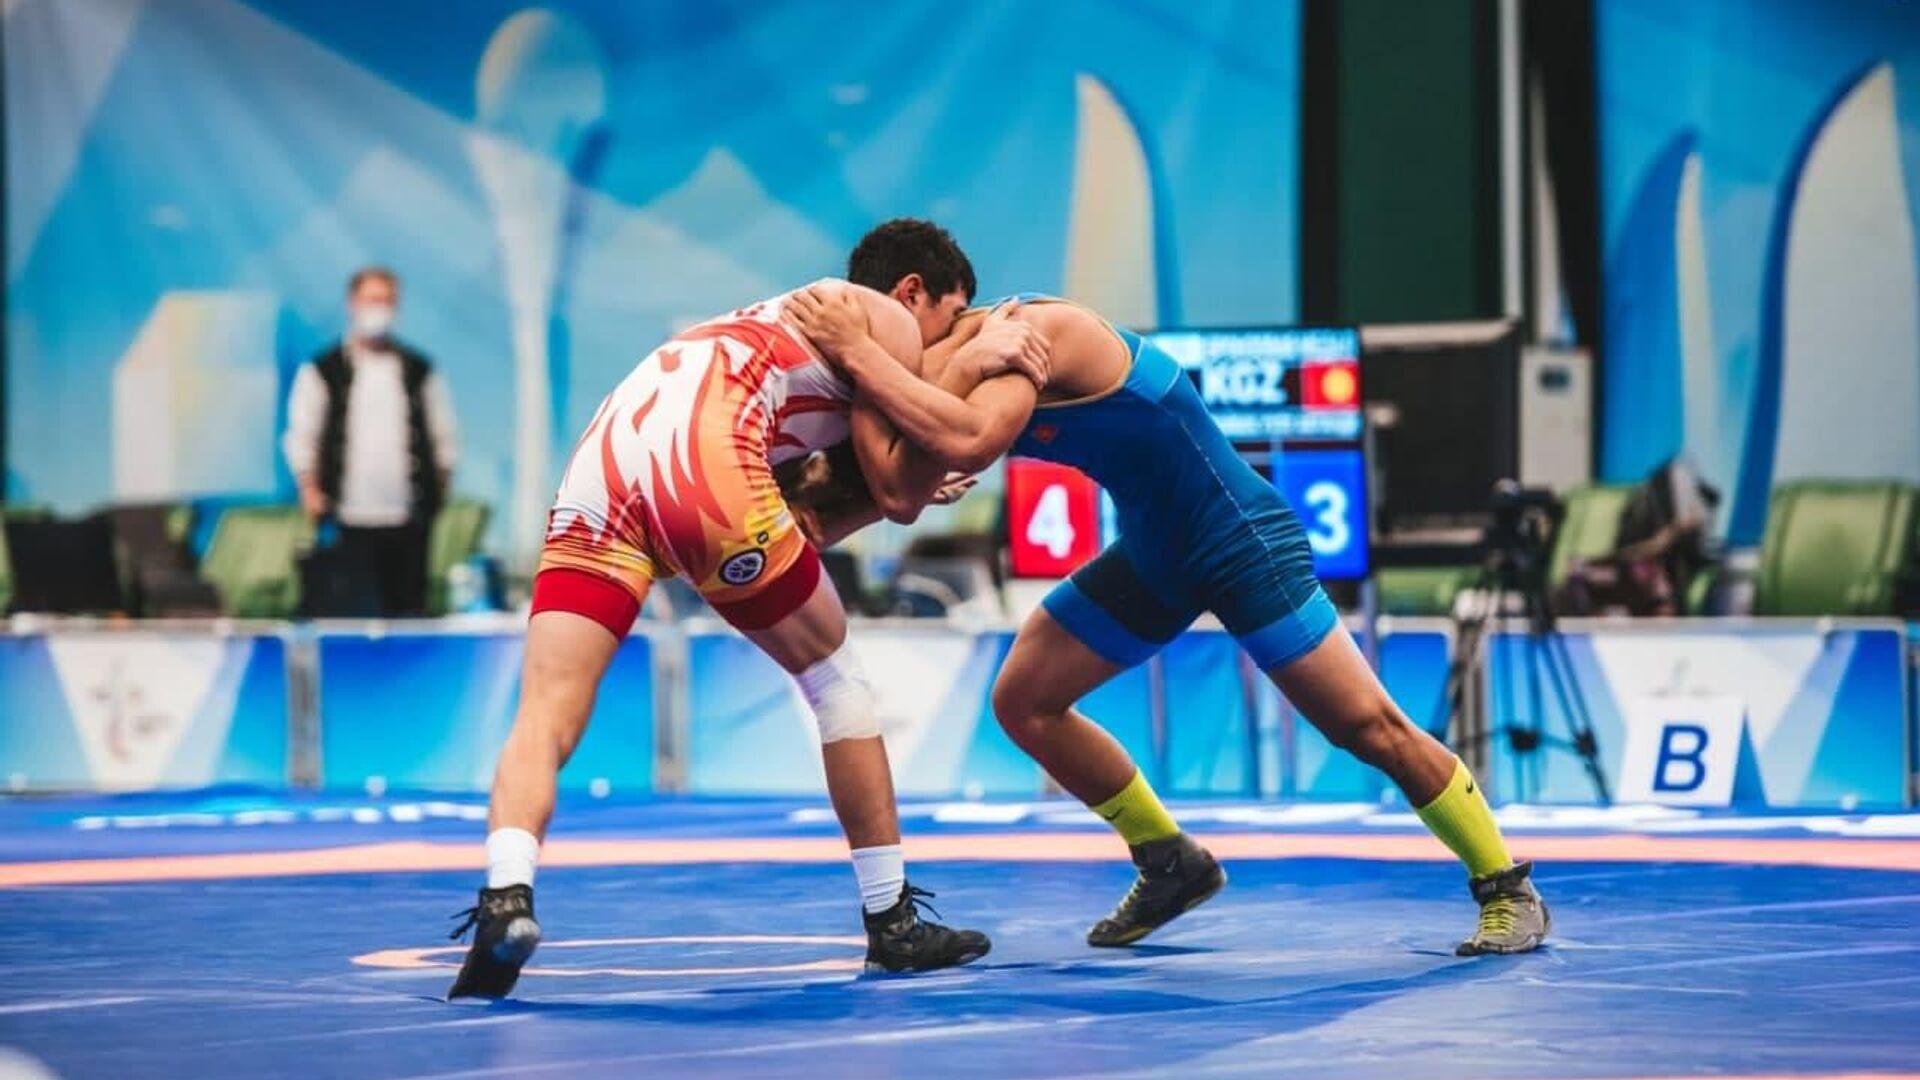 В первый день Игр СНГ представители Узбекистана завоевали 5 медалей - Sputnik Узбекистан, 1920, 04.09.2021